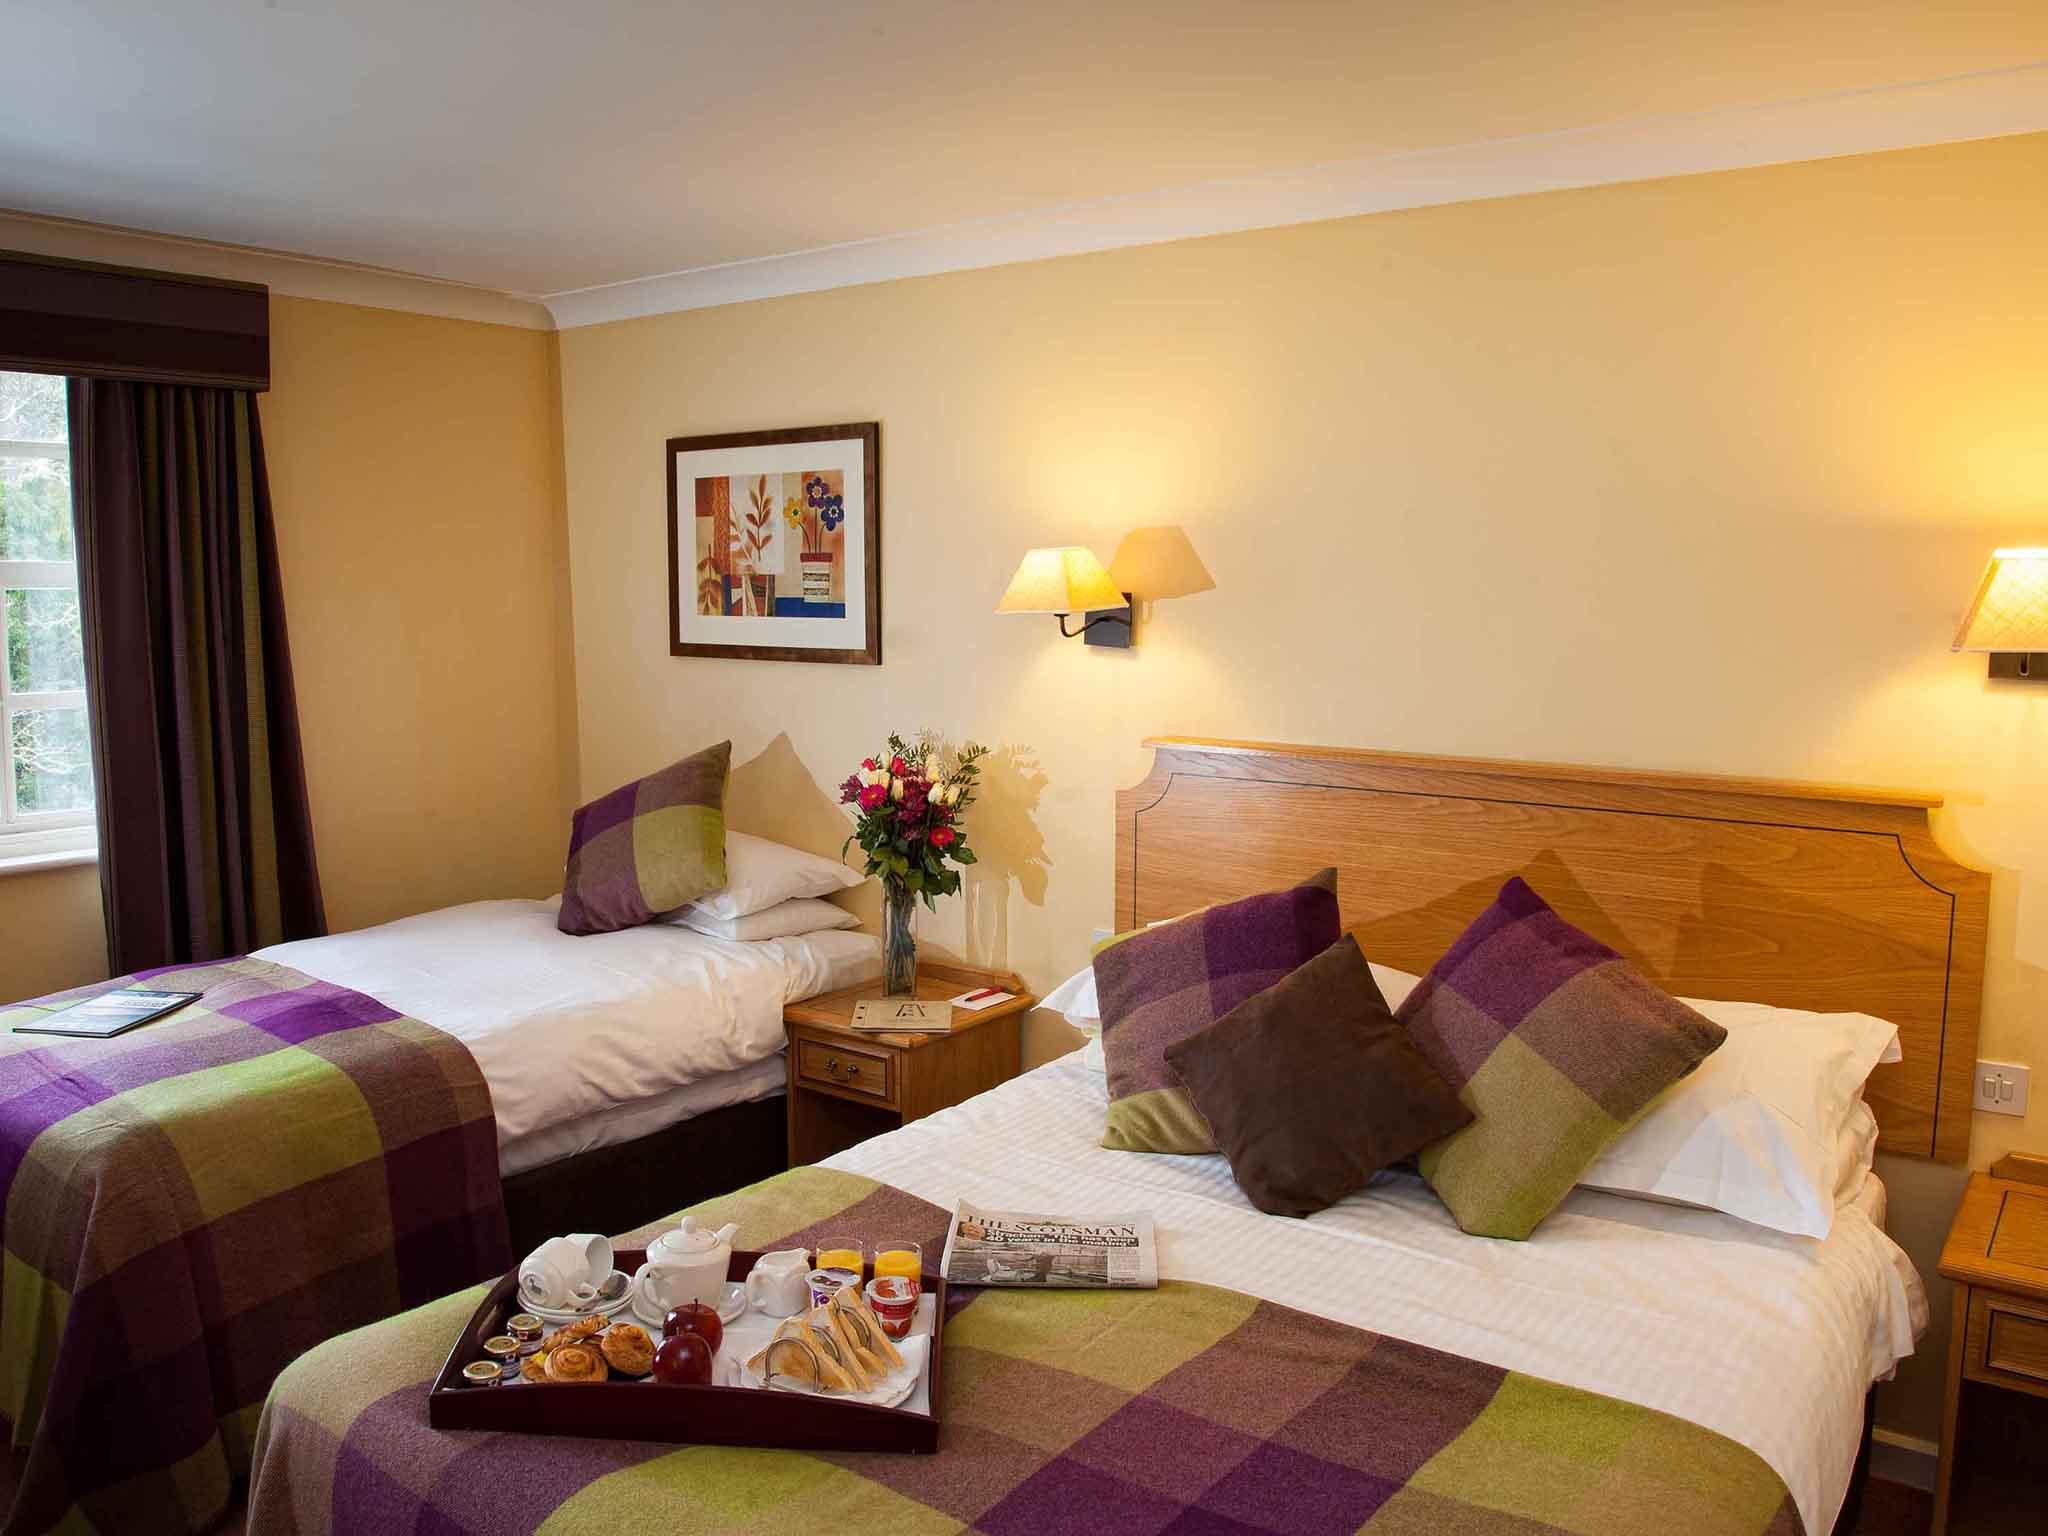 mercure peebles barony castle | quality hotel in peebles